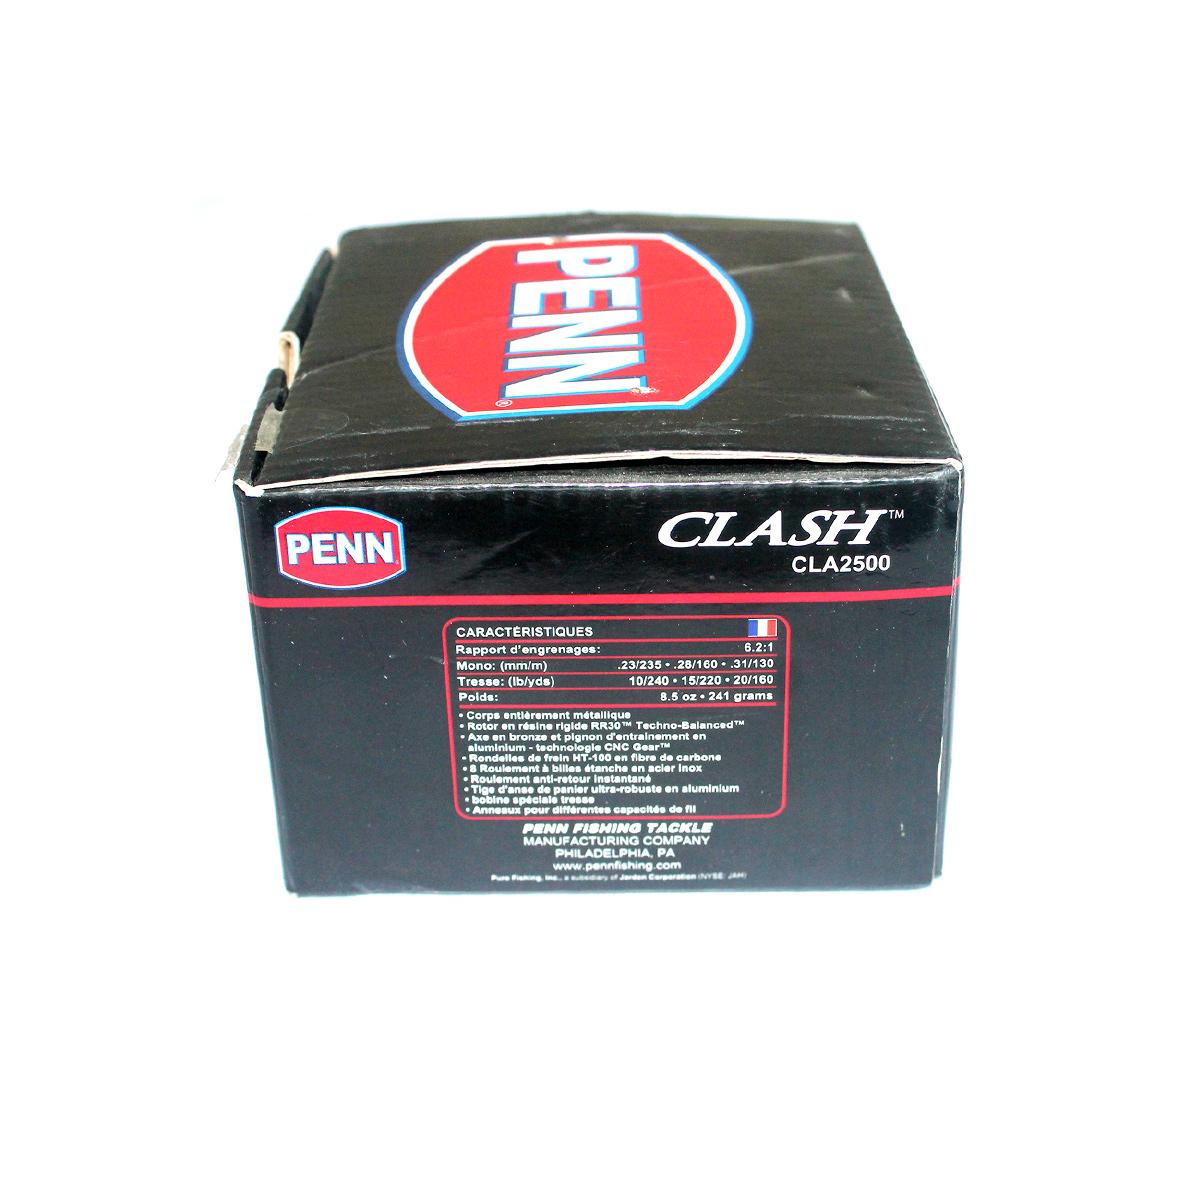 Máy Câu Penn Clash 2500 - Chính Hãng Bảo Hành 12 tháng